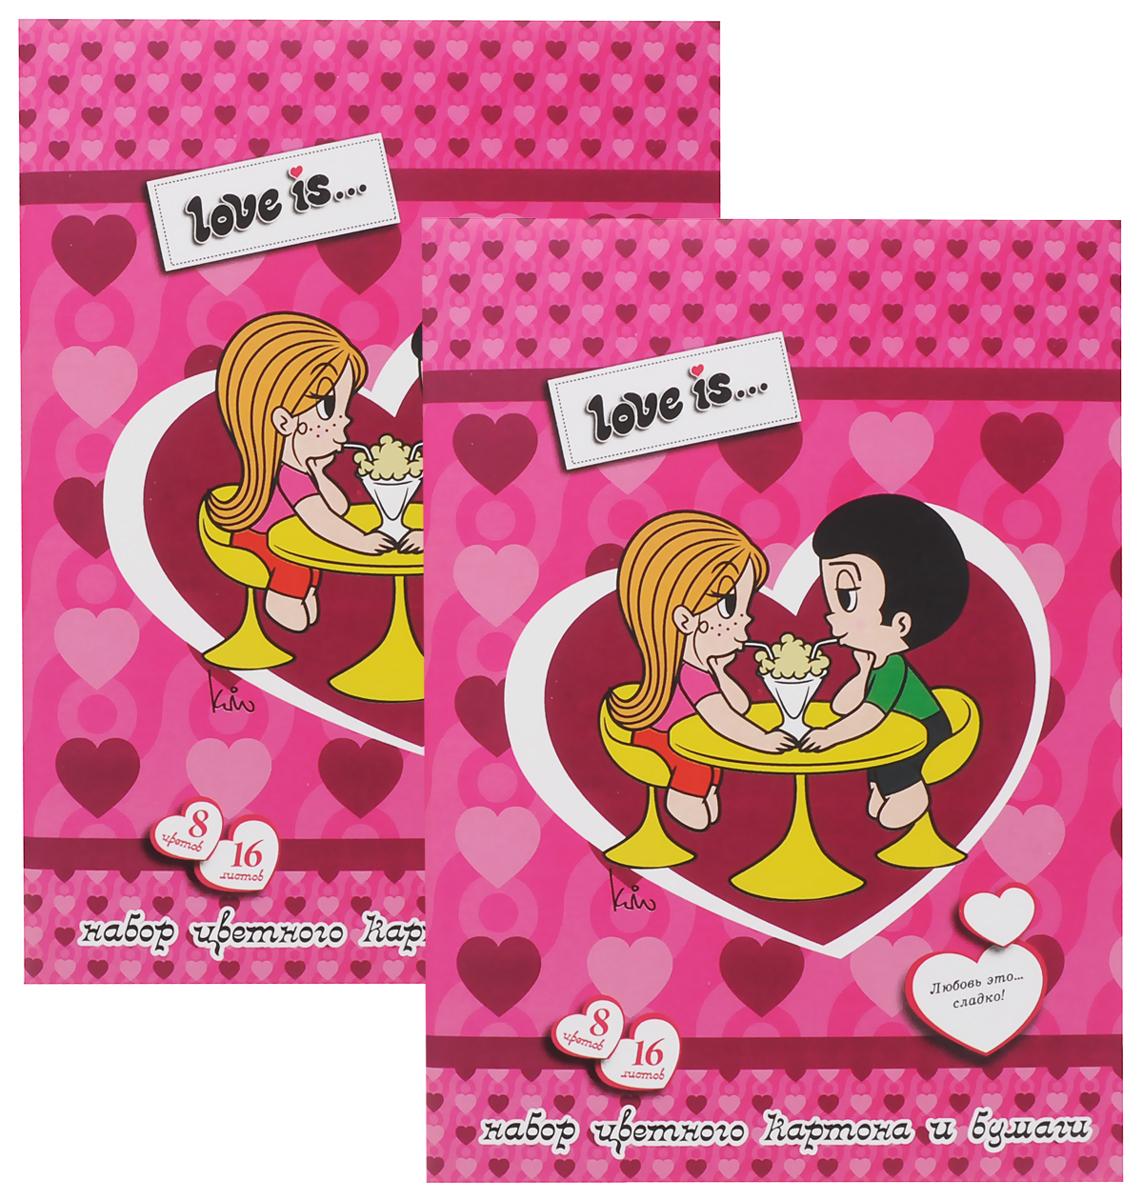 Action! Набор цветного картона и бумаги Love is... 16 листов 2 шт цвет розовыйLI-CCP-16/8_розовыйНабор цветного картона и бумаги Action! Love is... позволит вашему ребенку создавать всевозможные аппликации и поделки. Набор содержит 8 листов цветного картона и 8 листов цветной бумаги формата А4. Листы упакованы в оригинальную картонную папку, оформленную в тематике Love is.... Создание поделок из бумаги и картона поможет ребенку в развитии творческих способностей, кроме того, это увлекательный досуг. В комплекте 2 набора по 16 листов.